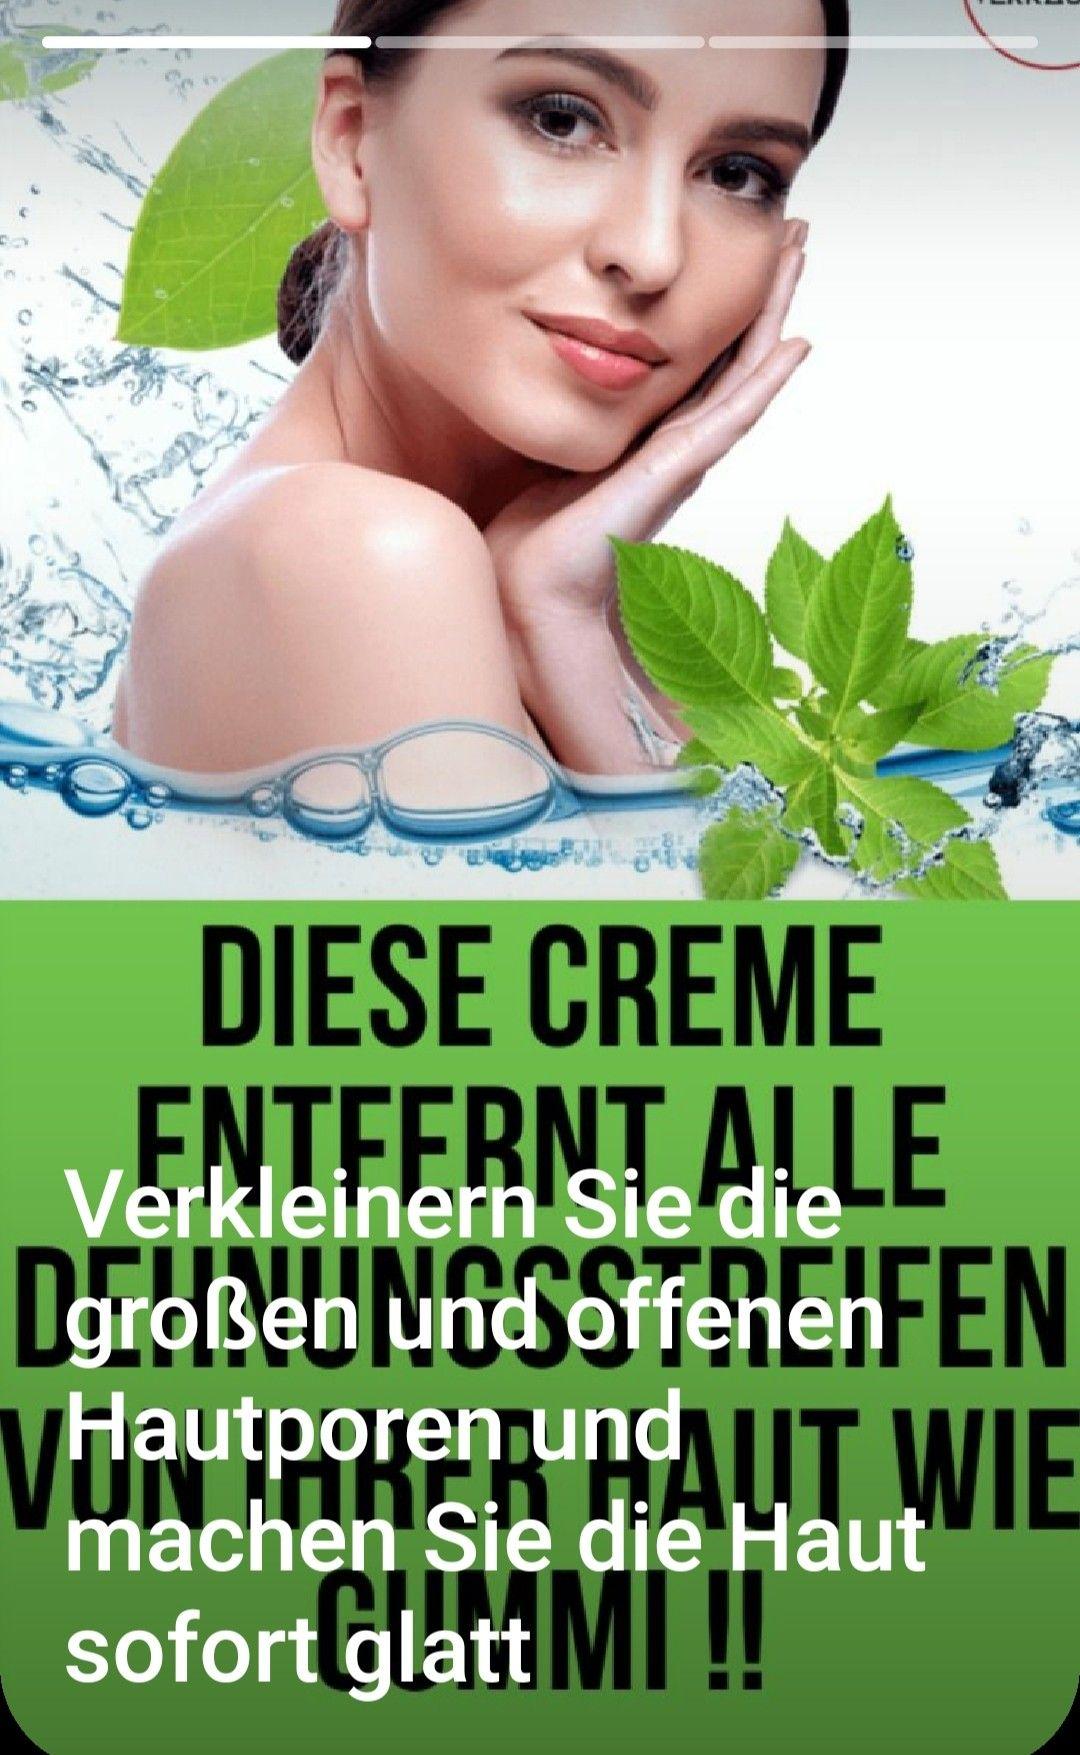 #Hautpflege #SundargeTips ##FresLook #Brown Out # Skin Care #Fitness # Bright Look #Machen Sie sich...